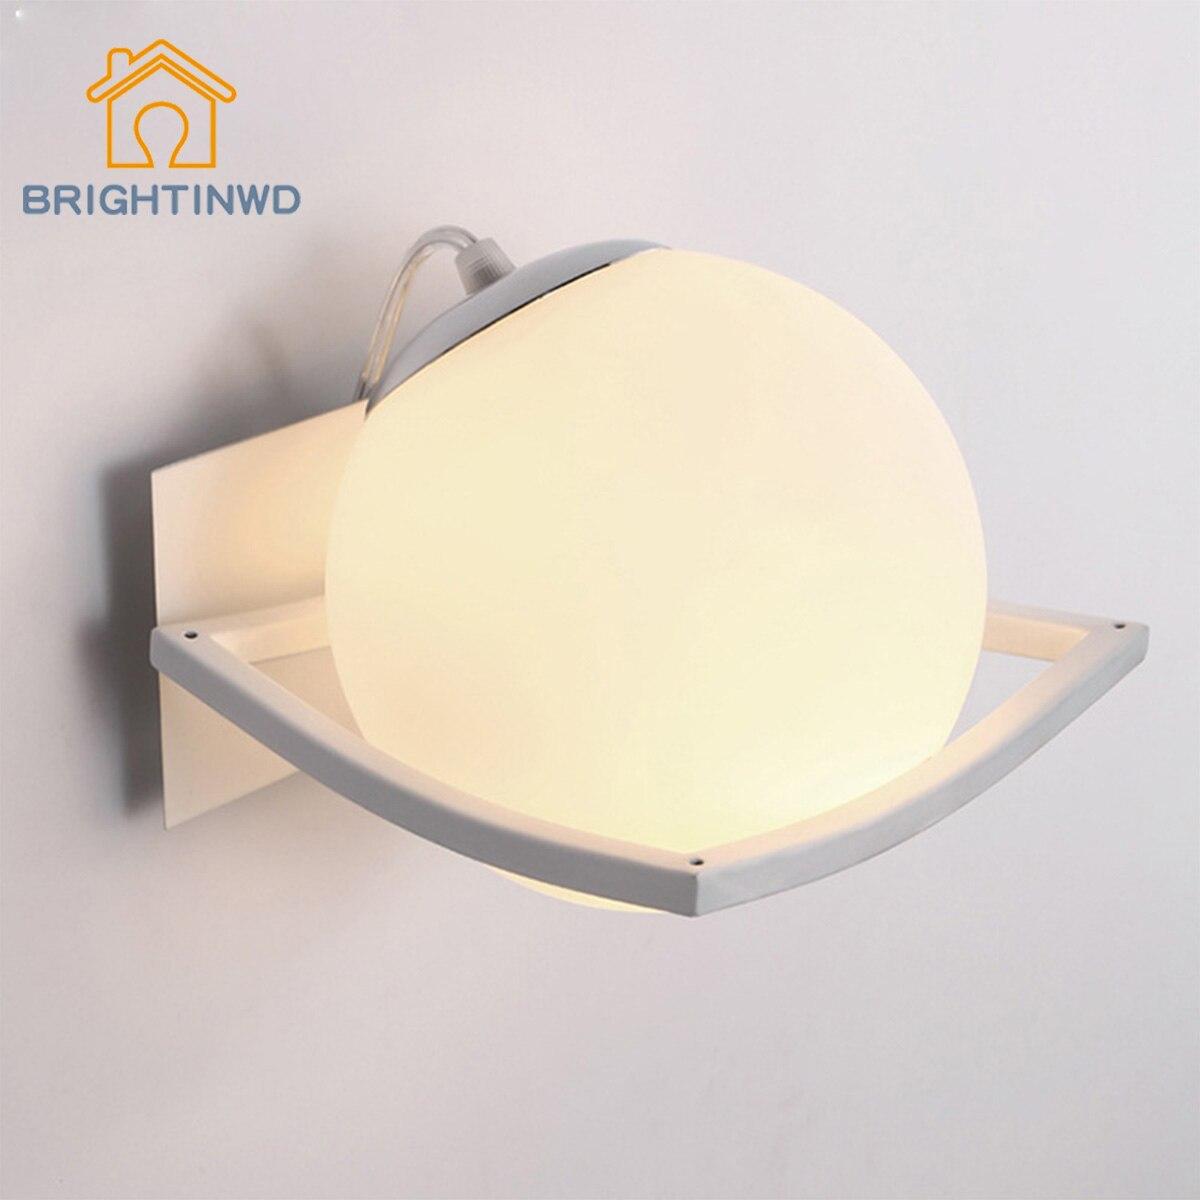 Brightinwd Творческий Спальня стены светодиодный гальваническим Стекло ночники Гостиная Спальня шар настенный светильник